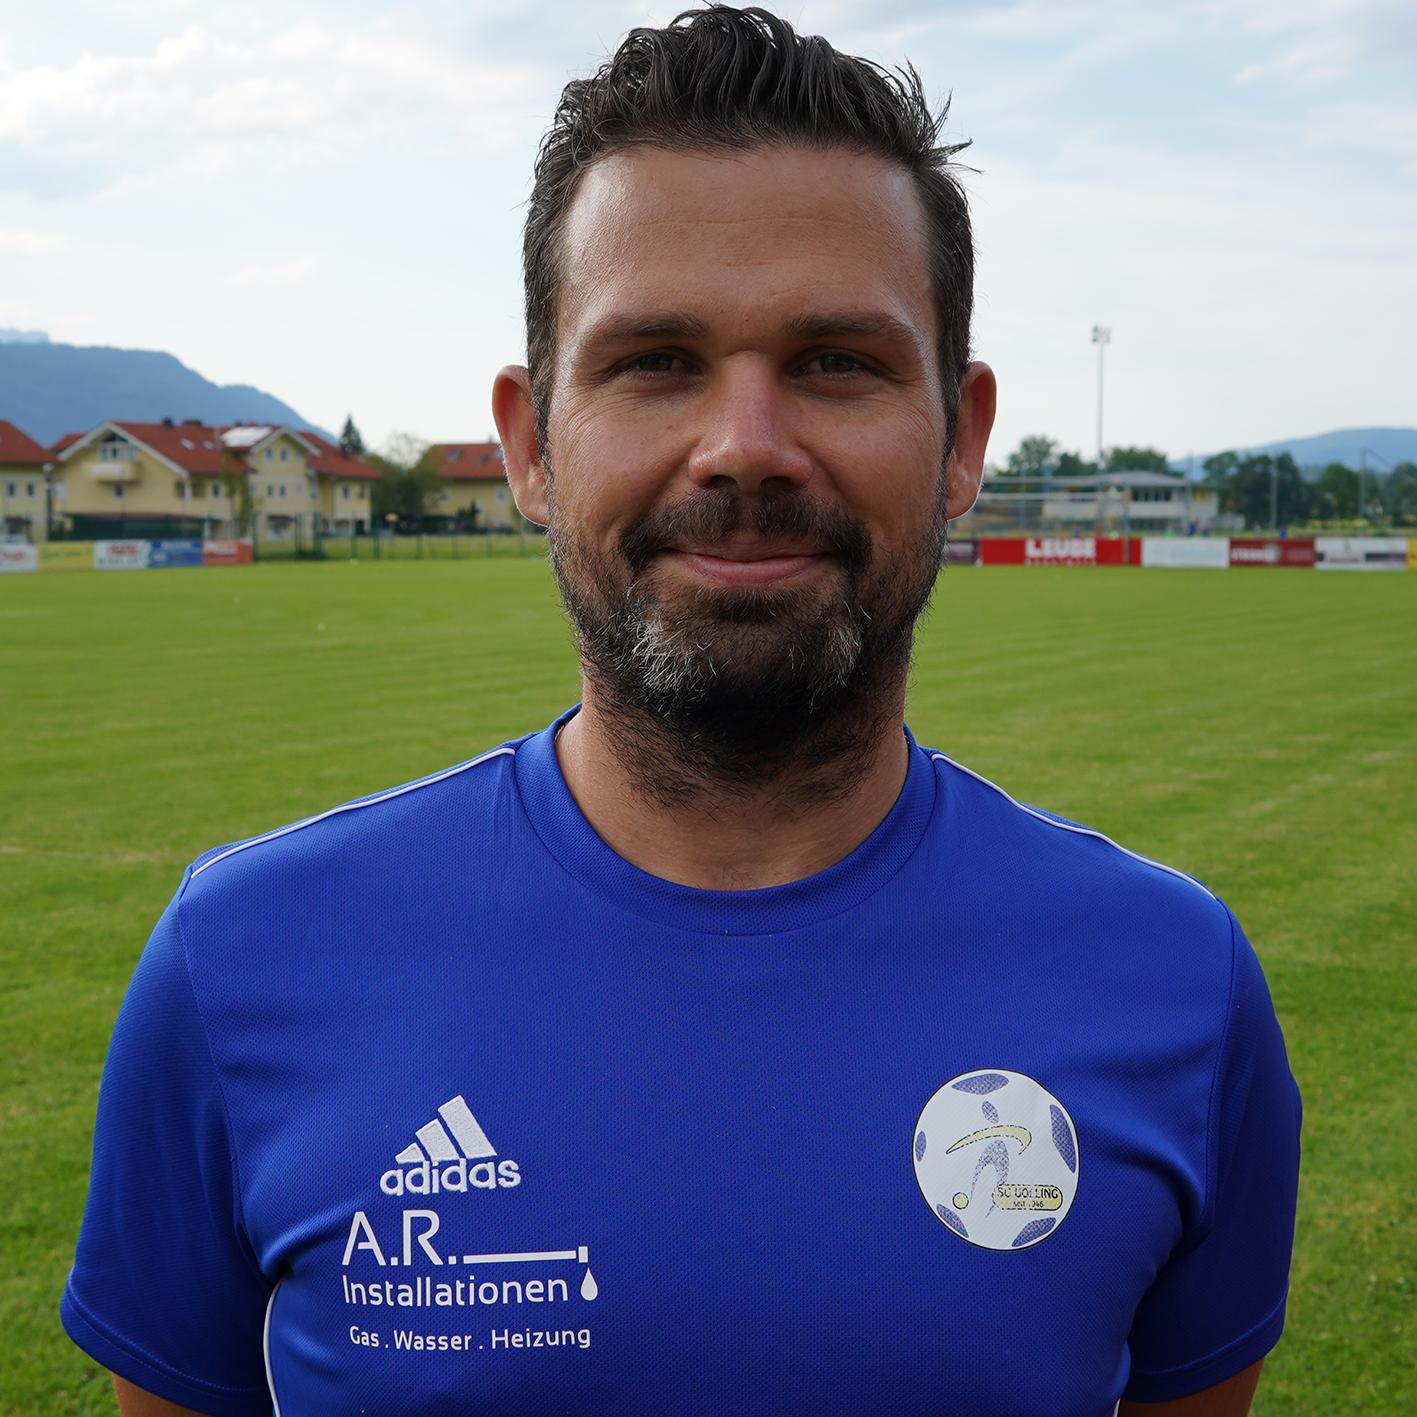 Sebastian Roider